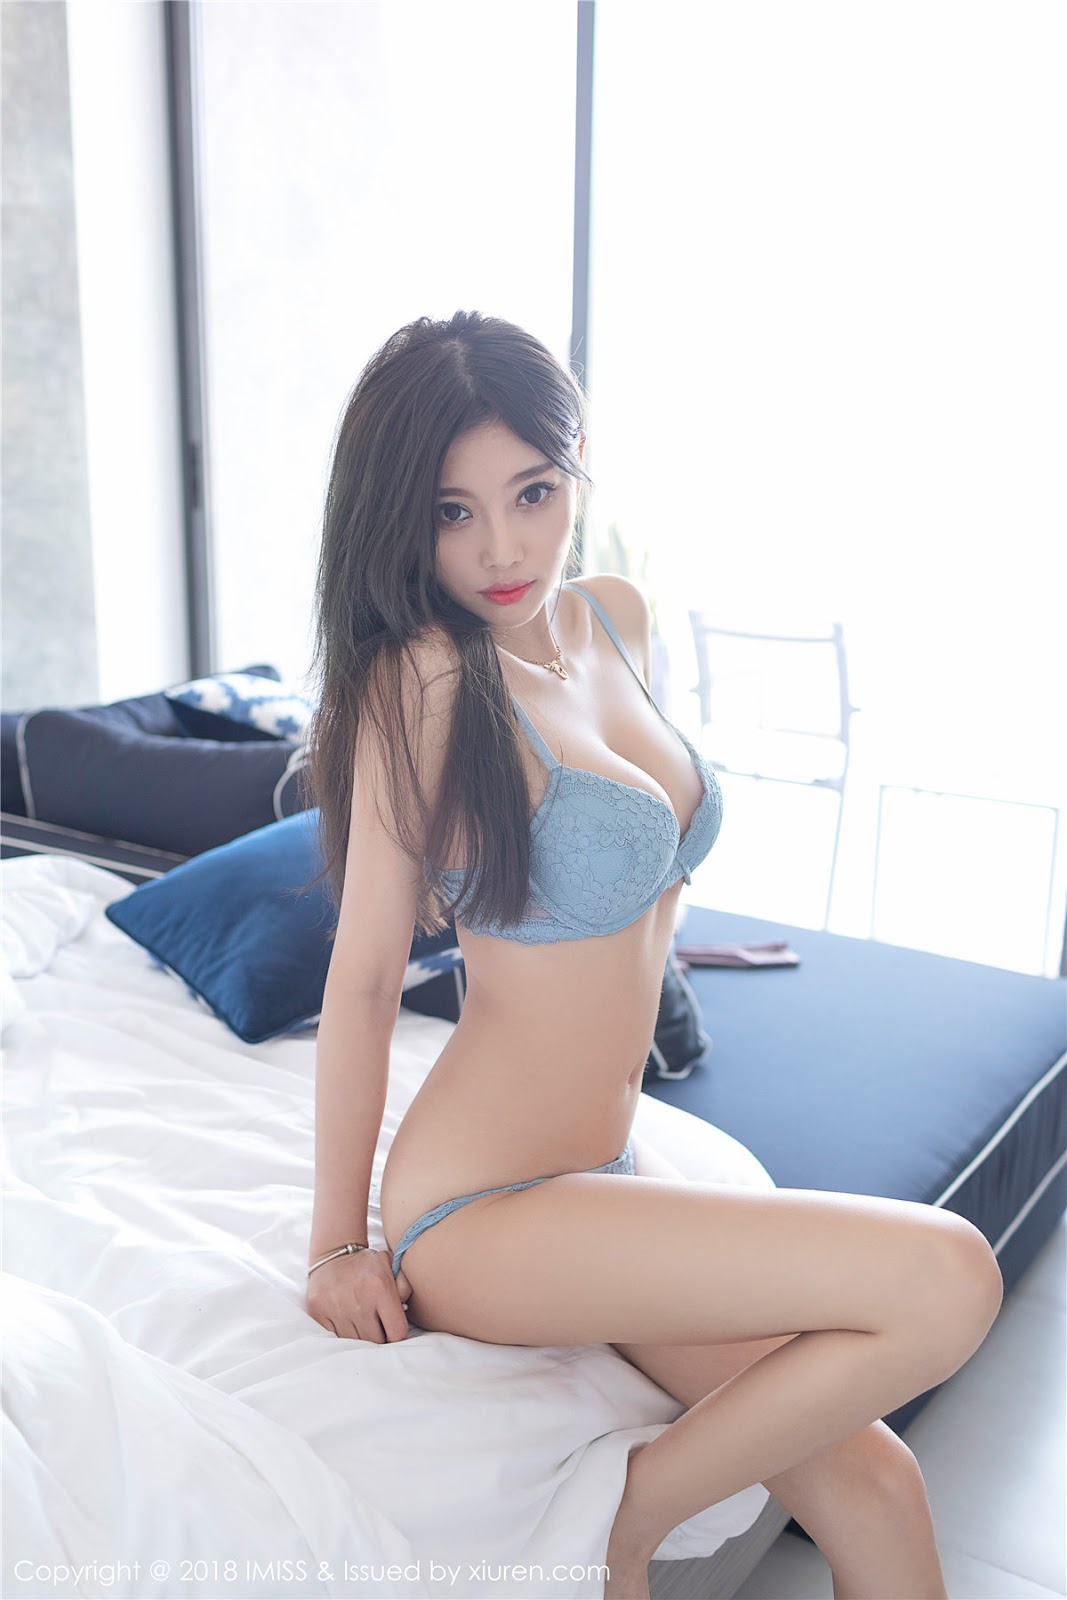 Hot Girls ♔♔… 杨晨晨sugar, - Trang 15